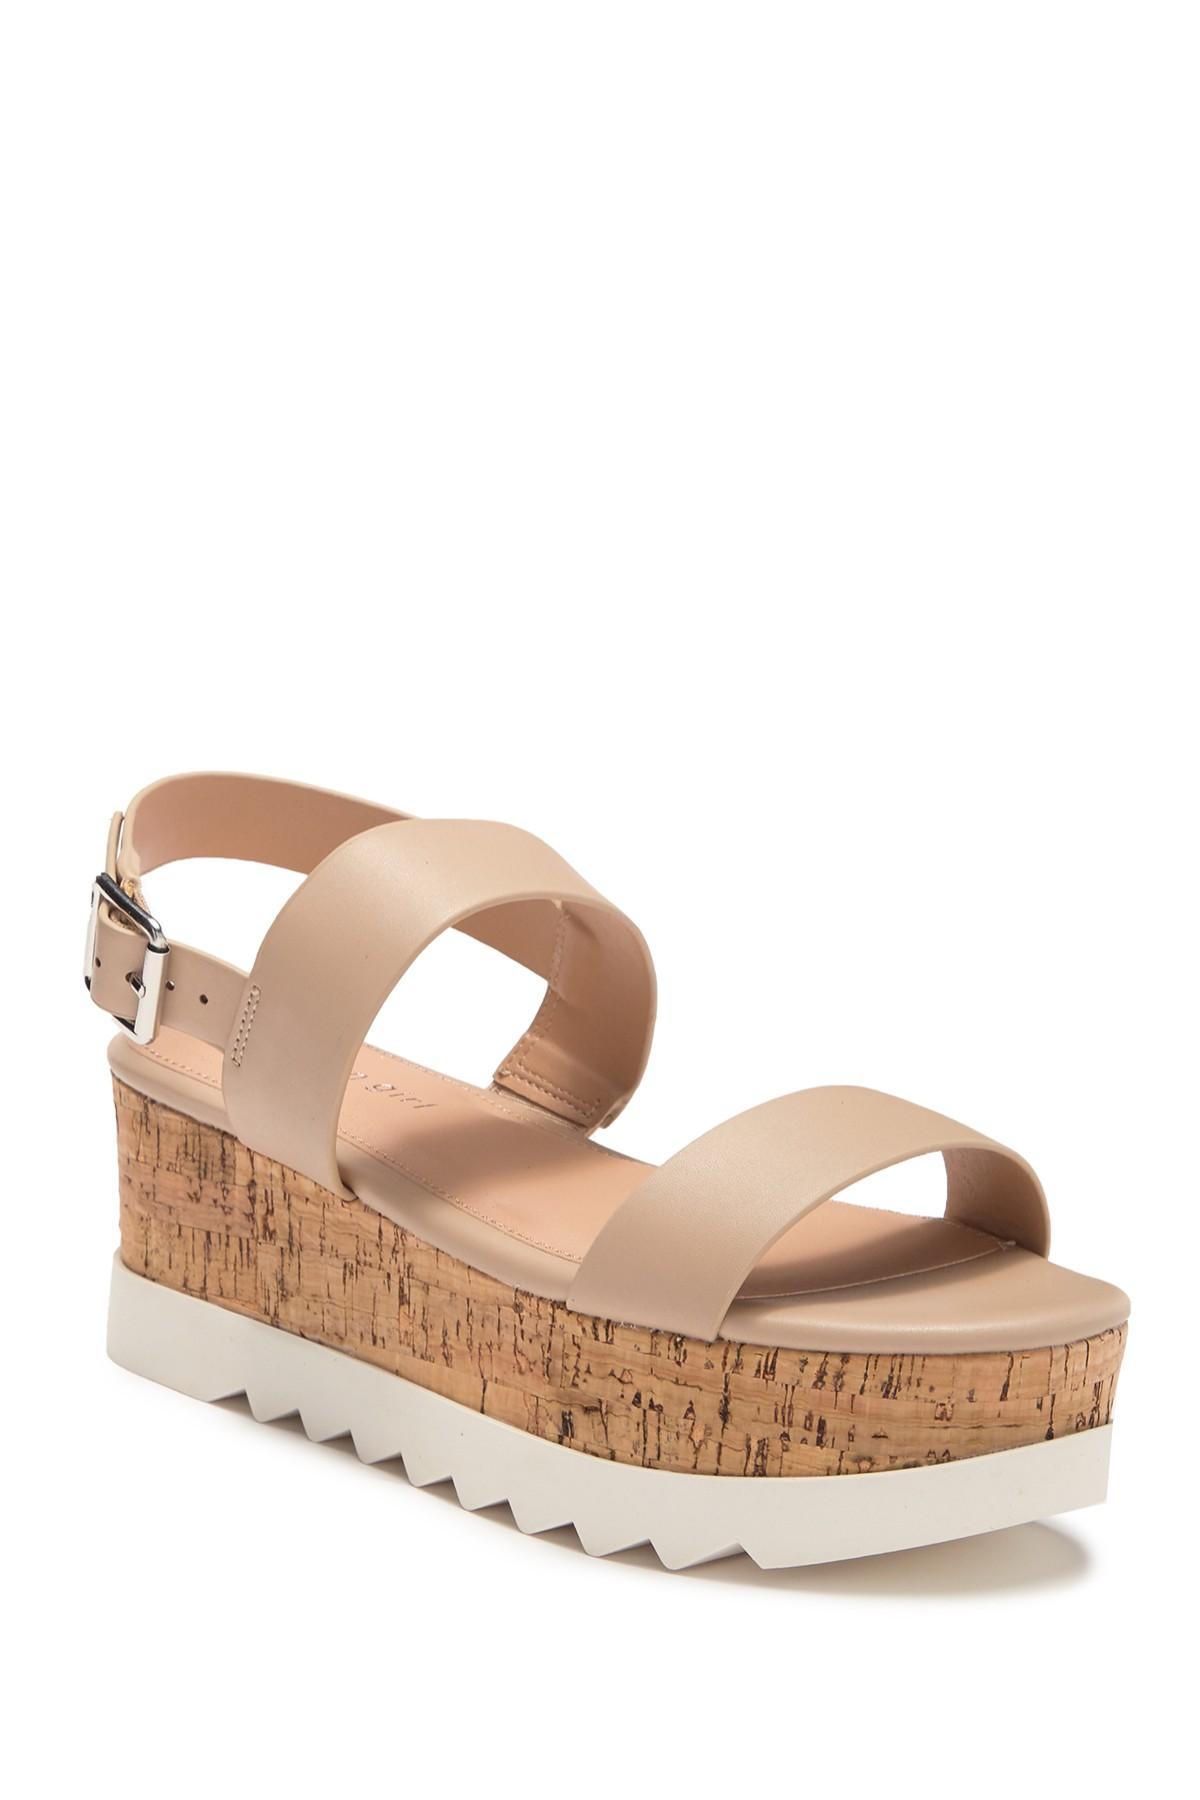 Madden Girl Sweet Platform Sandal in